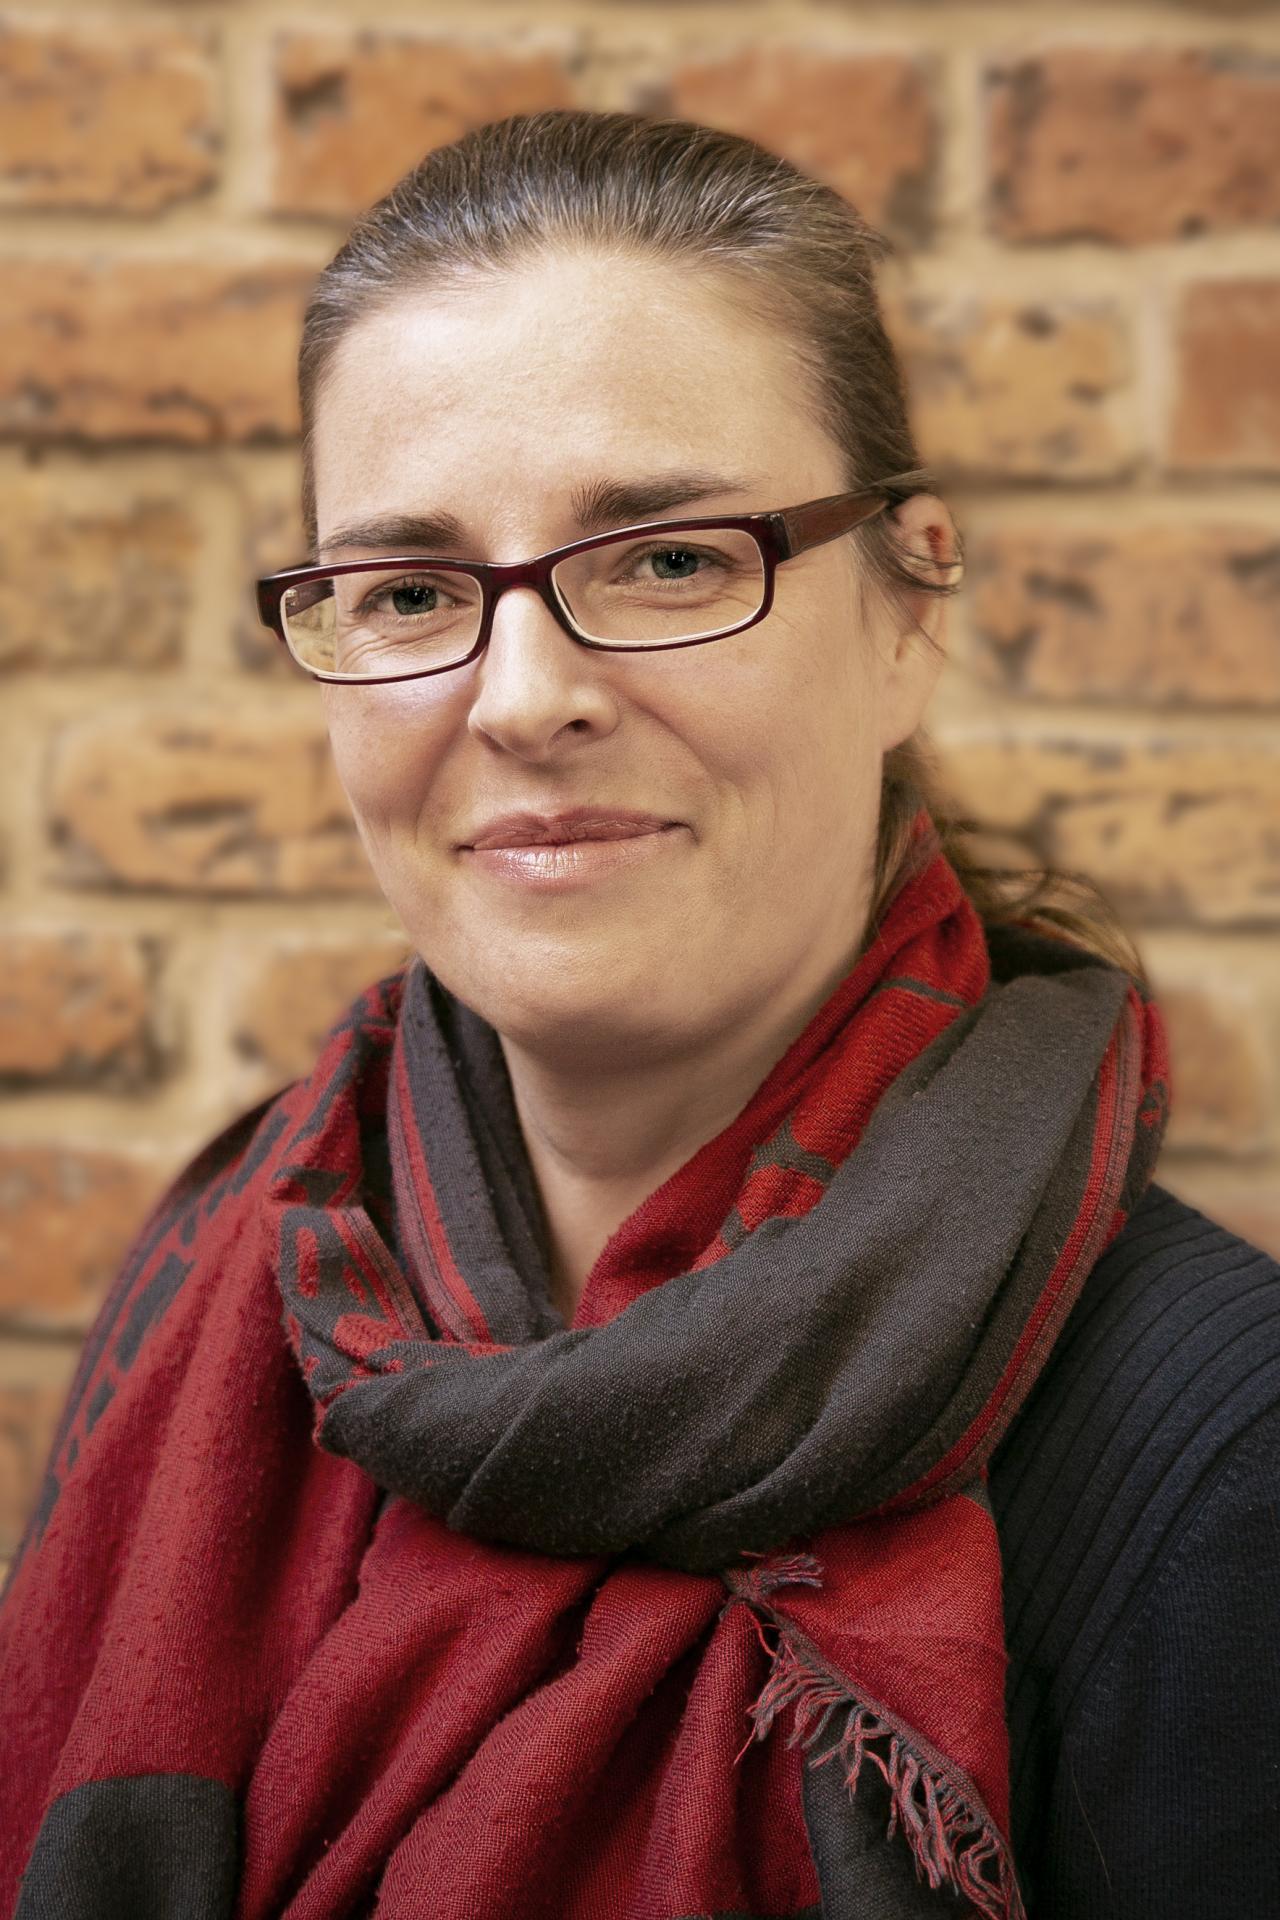 Kerstin Reimann, Monika Schulz-Fieguth